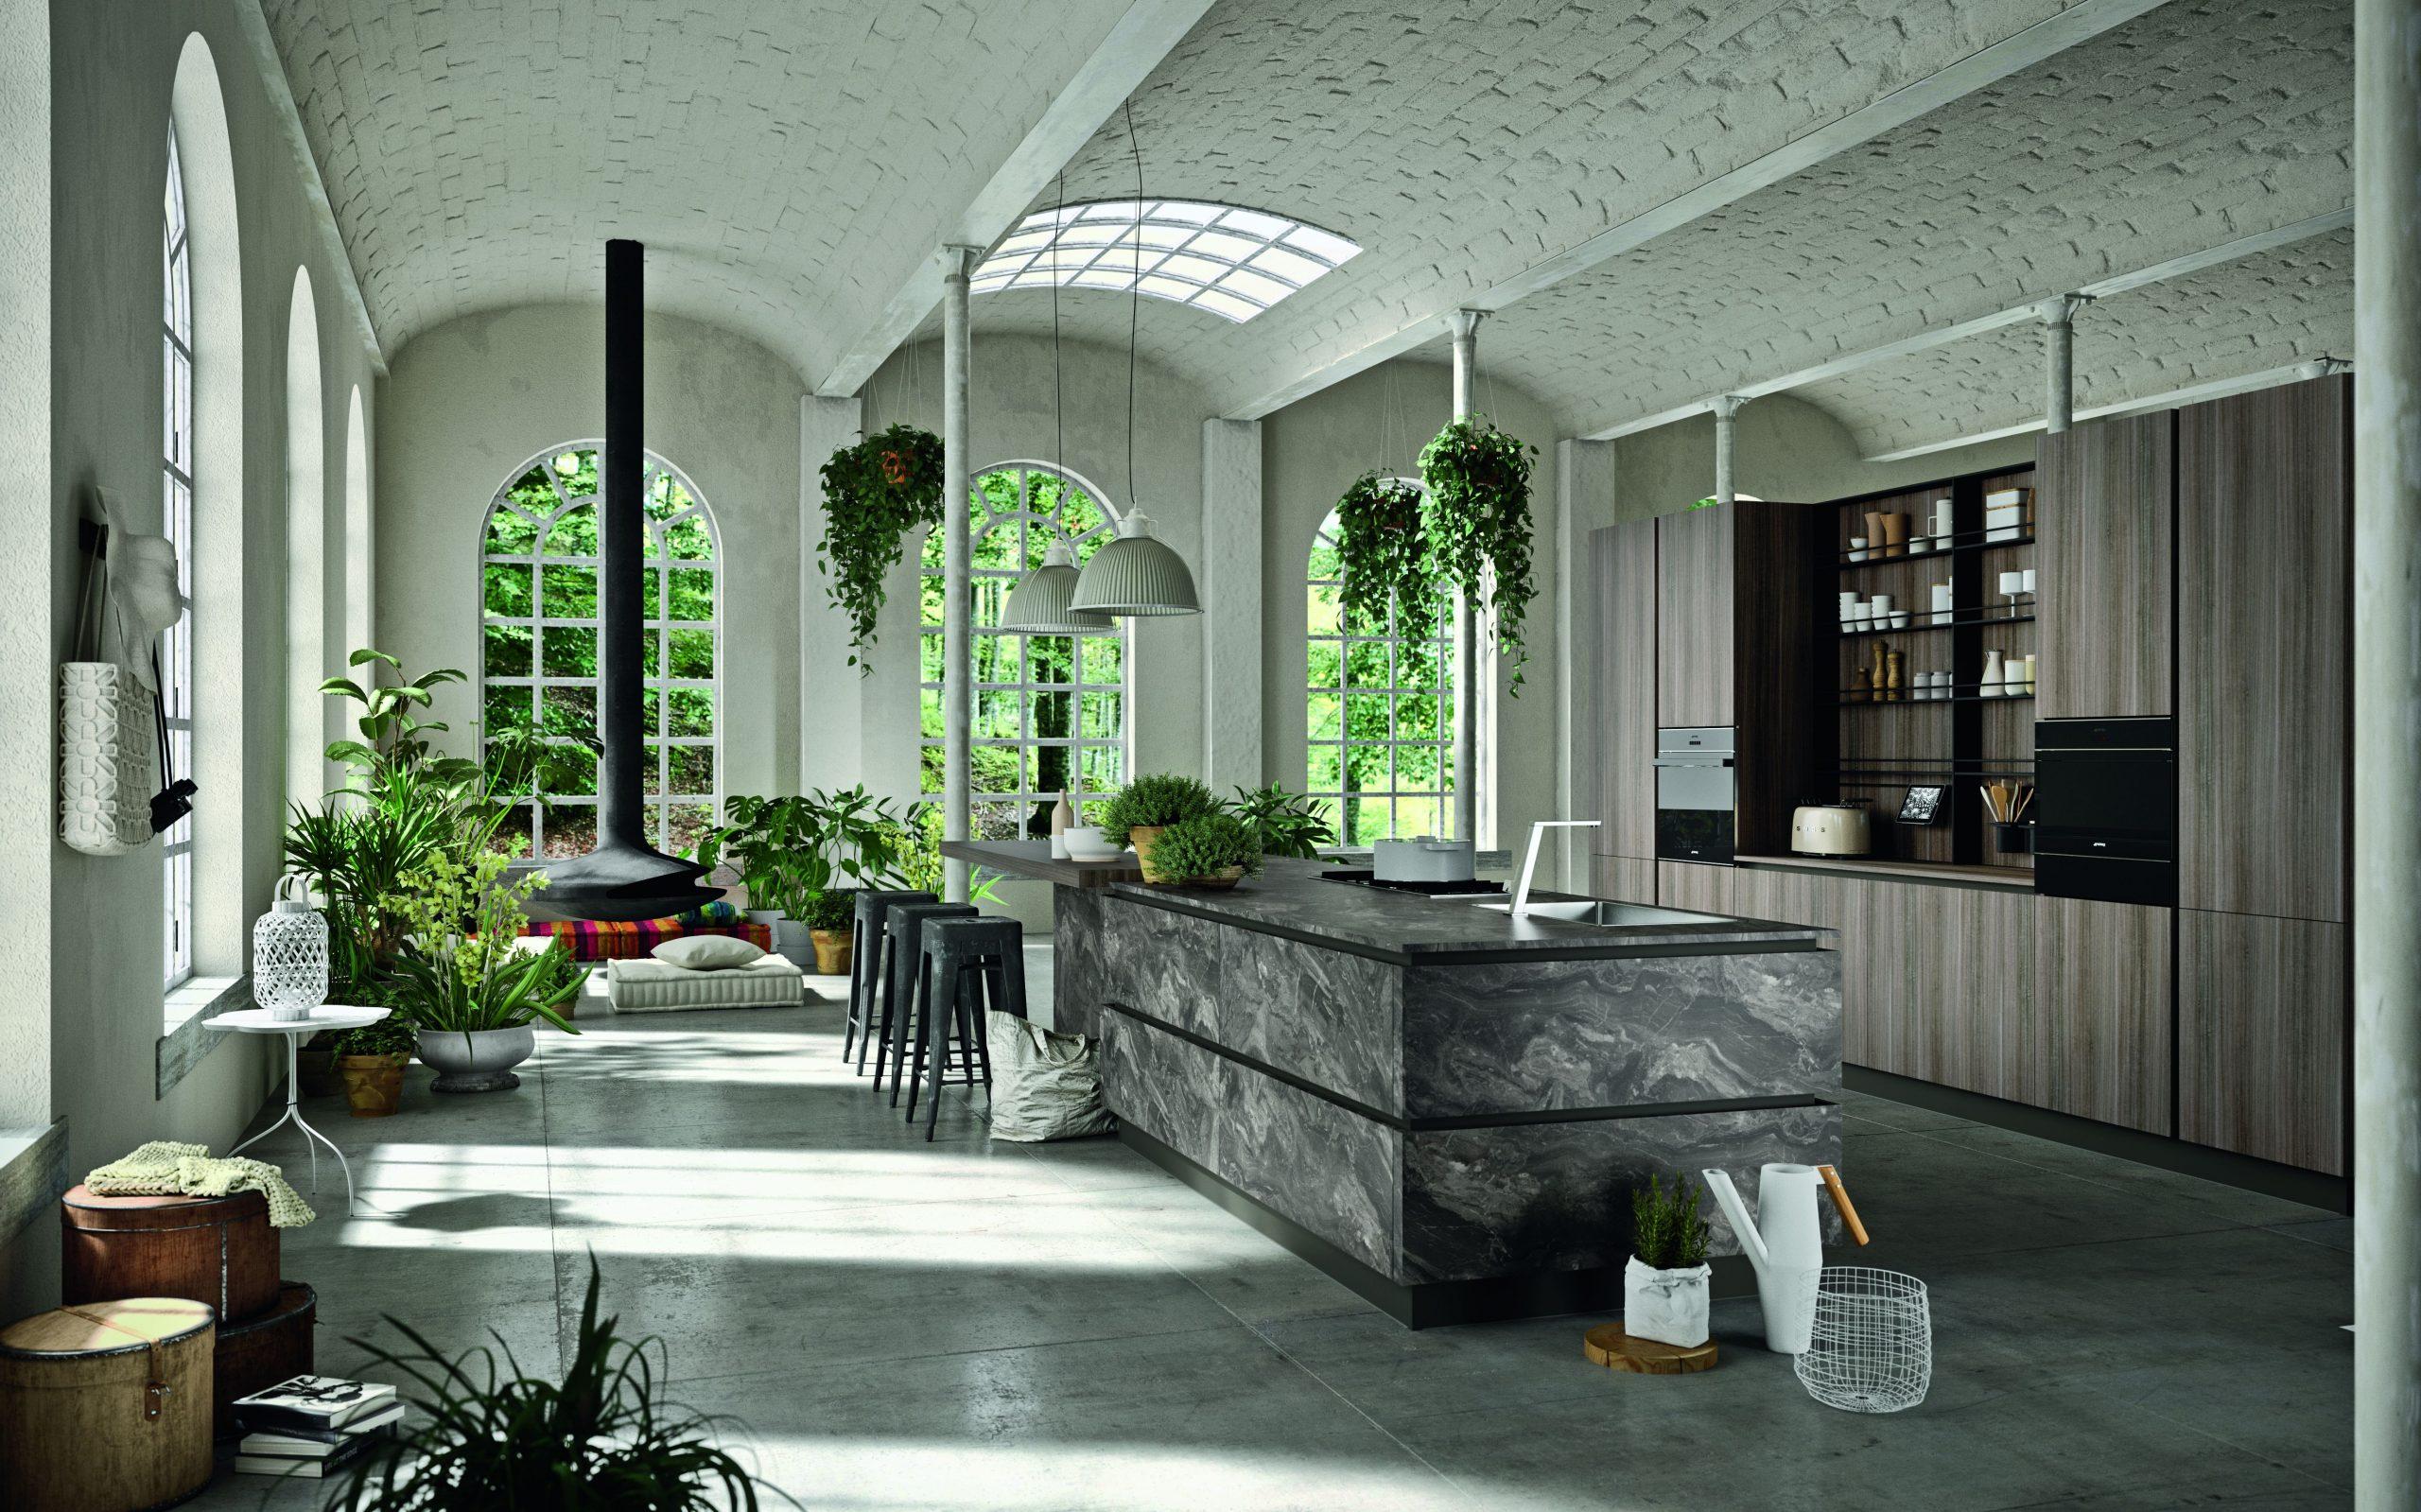 Modello di cucina industrial effetto pietra naturale e di eucaliptolegno